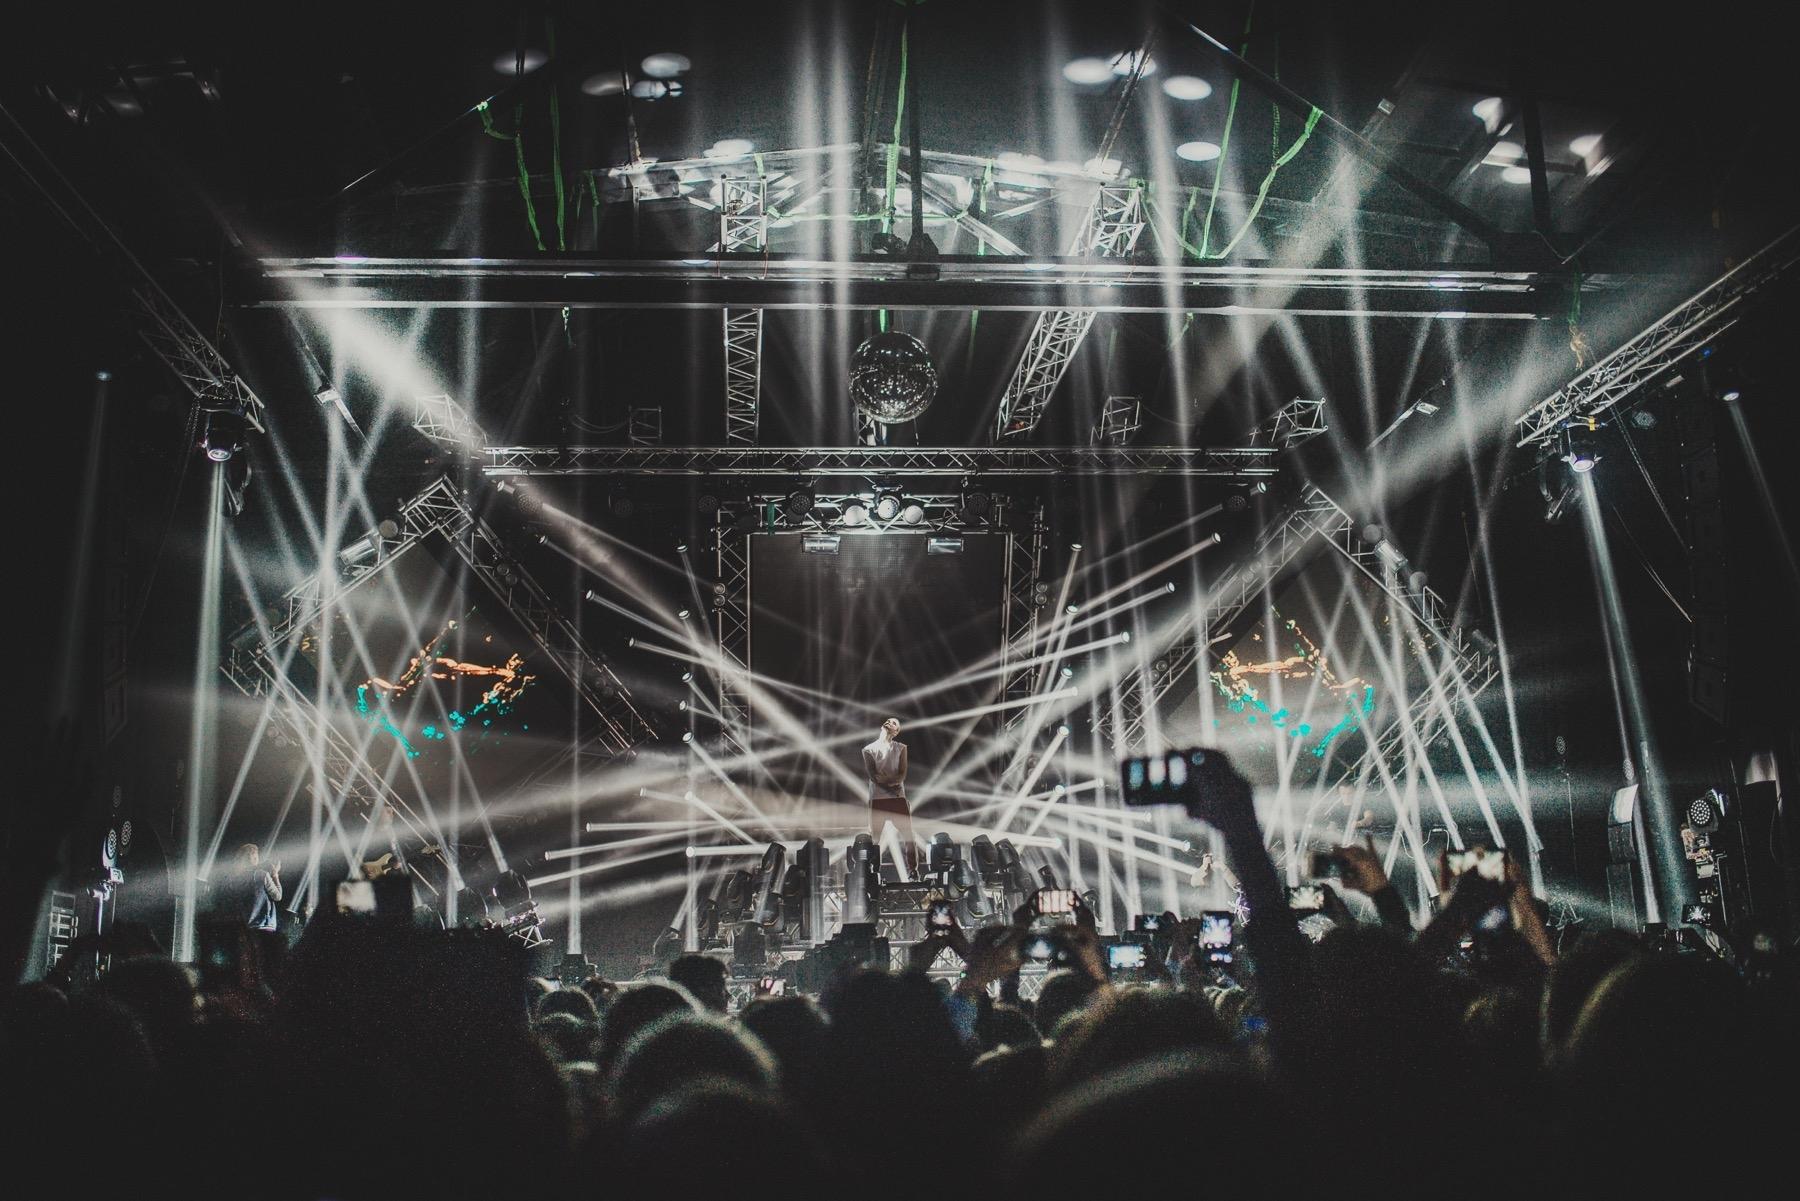 Украинский фотограф Олег Кушнир рассказал о концертной фотографии и работе с артистами (ЭКСКЛЮЗИВ) - фото №2